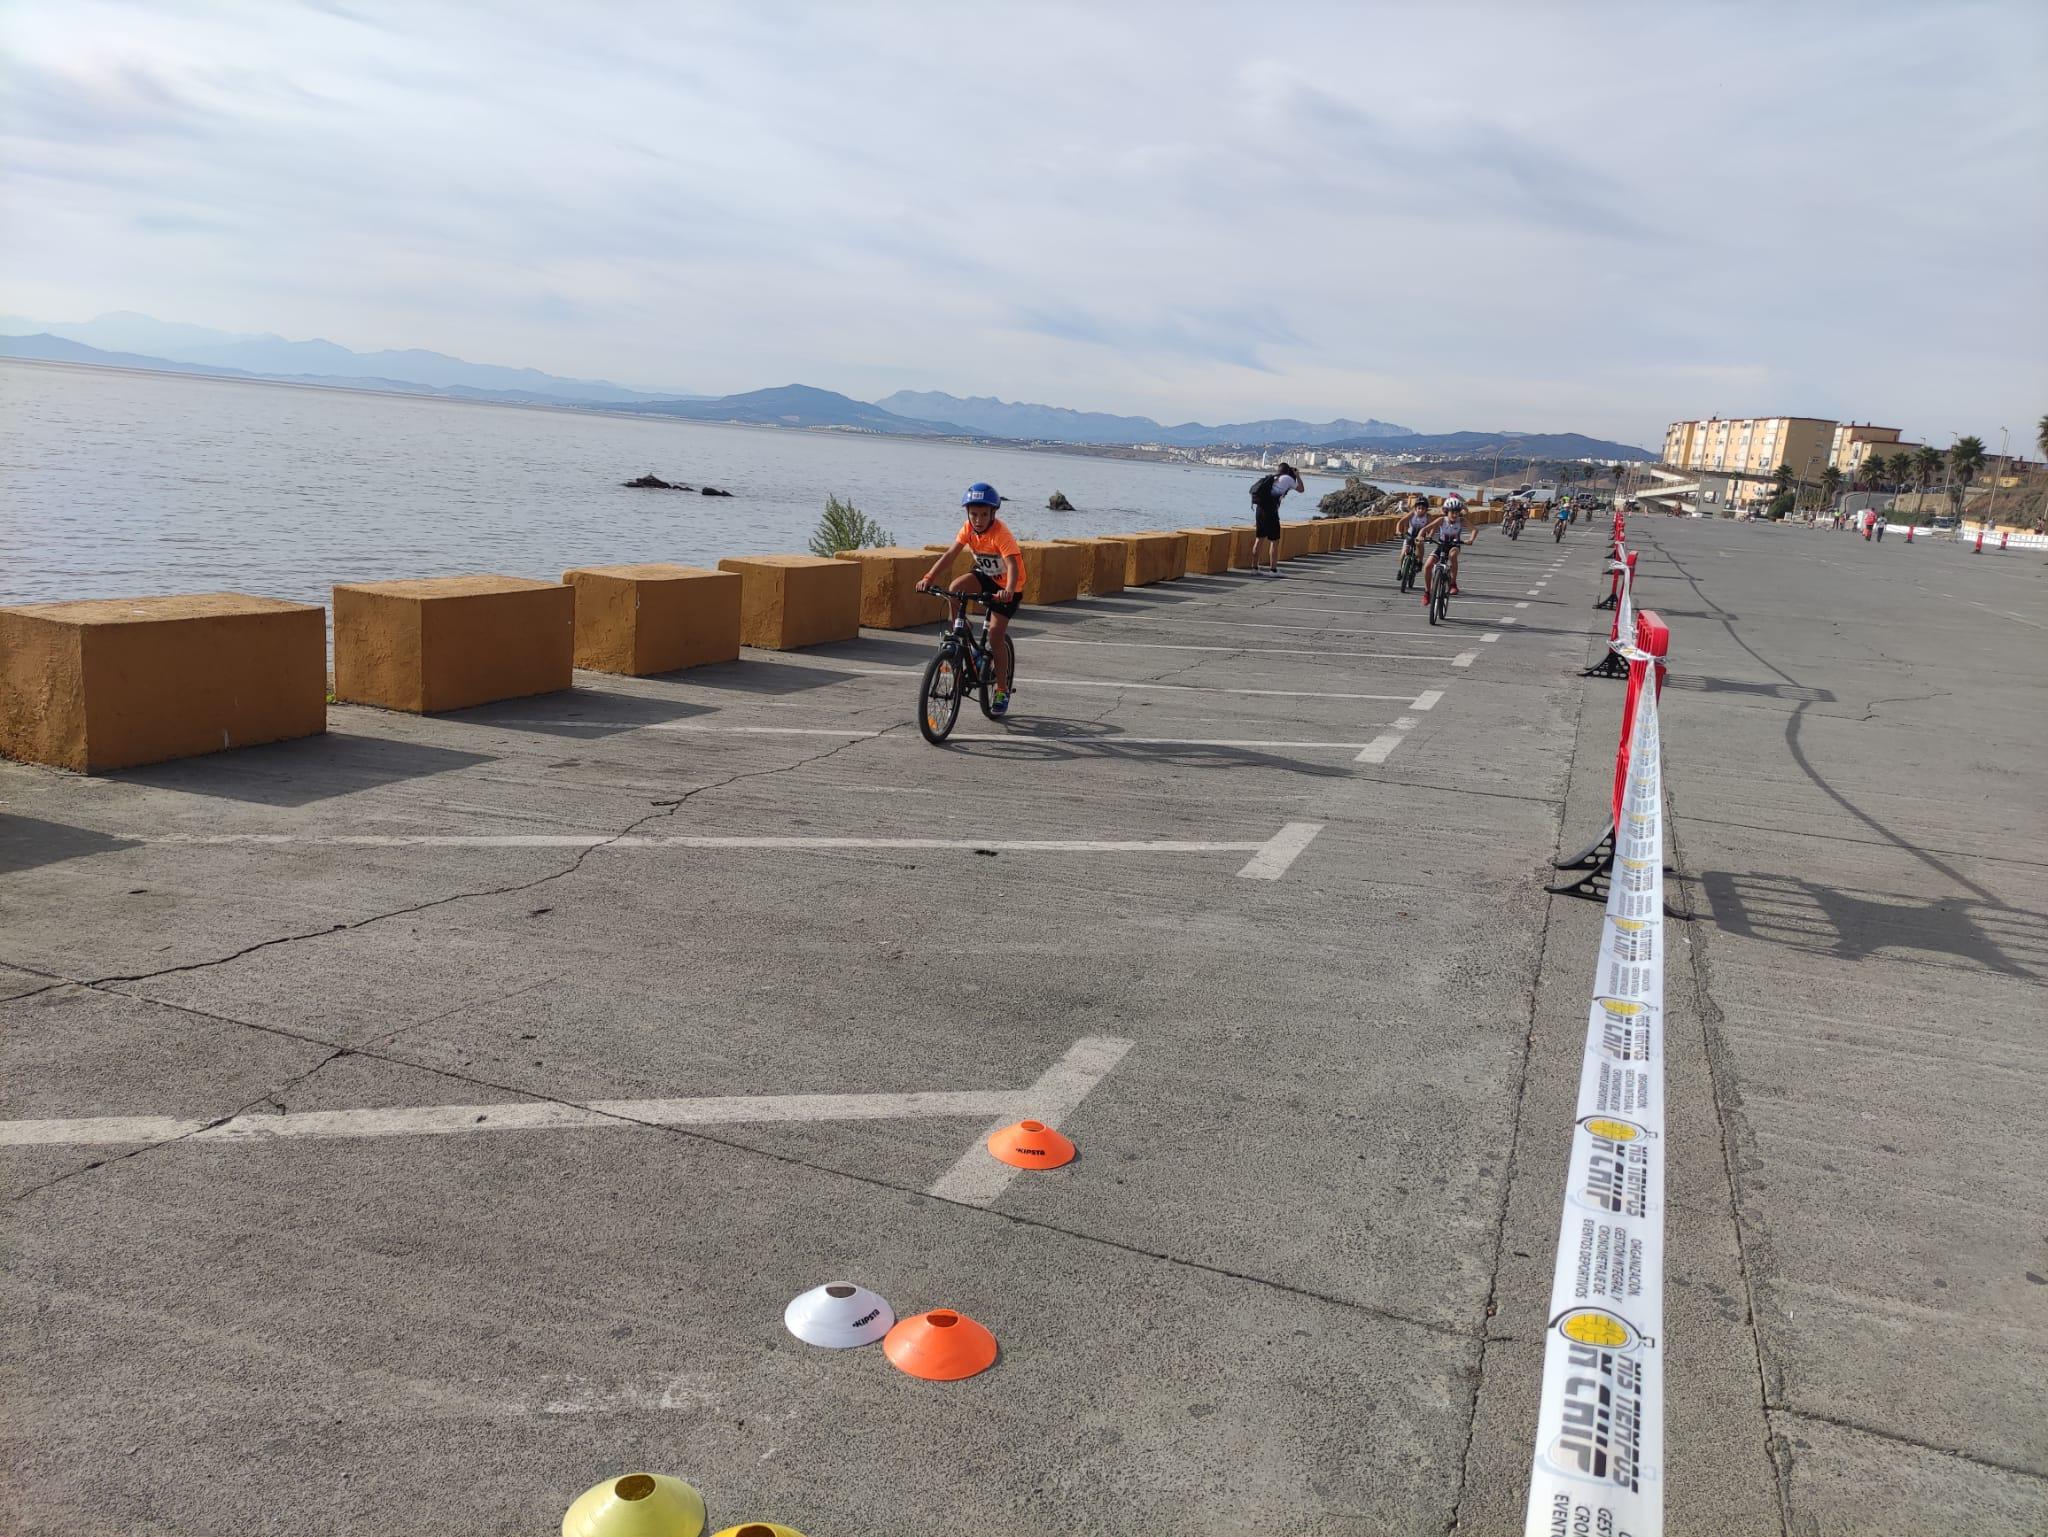 El II Triatlón del Menor José Pomposo ha finalizado con 110 participantes de todas las categorías